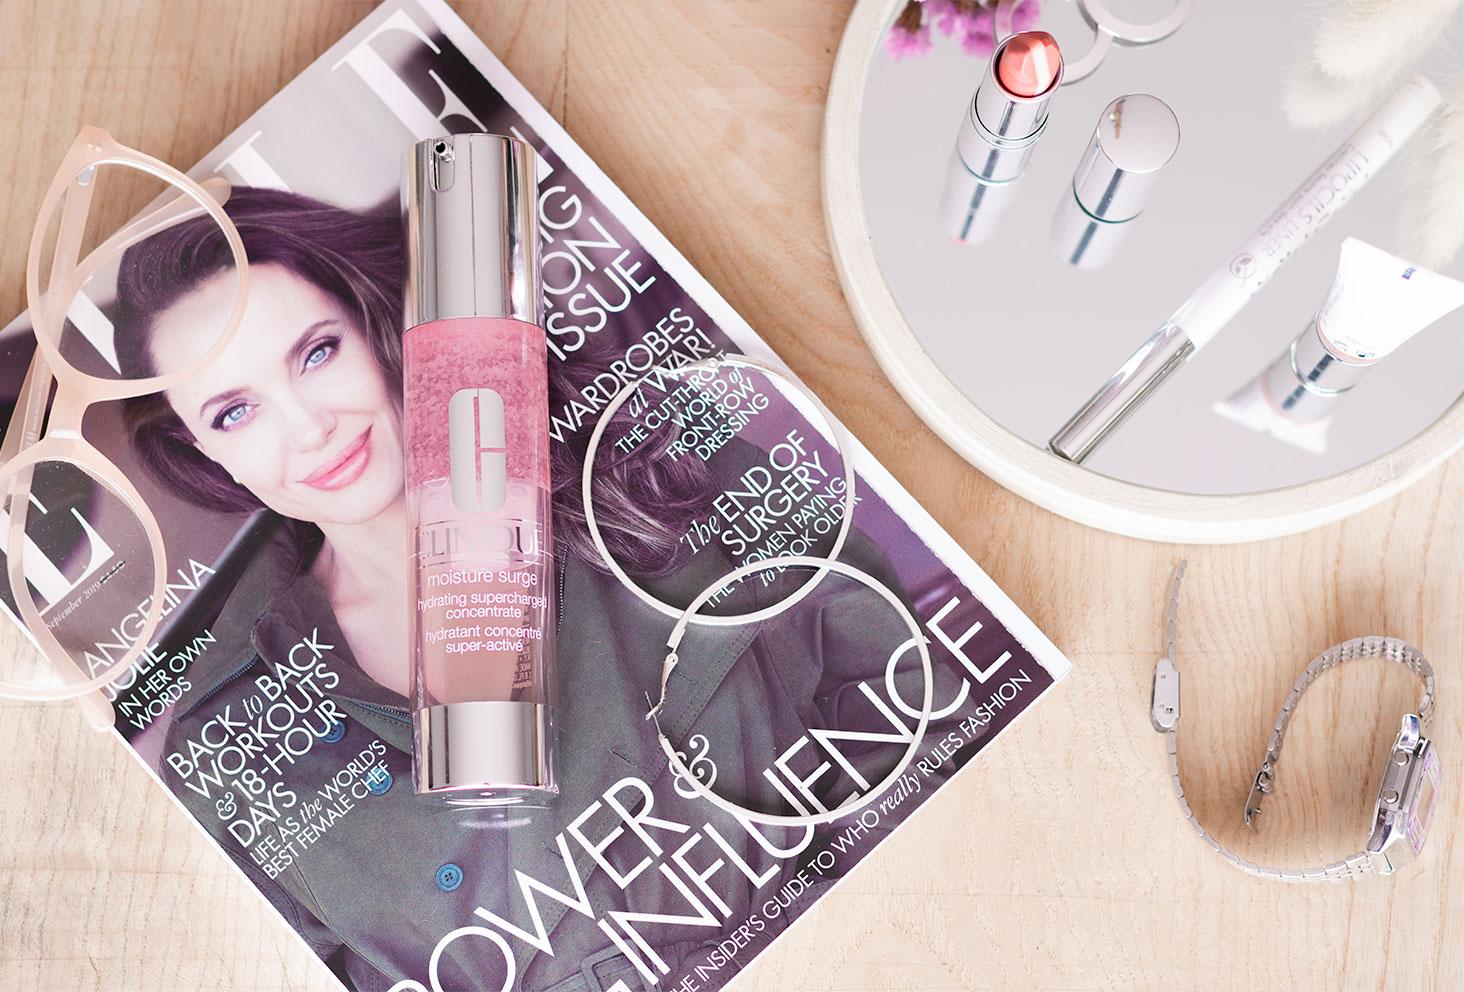 Le Moisture Surge de Clinique posé allongé sur un magazine au milieu de maquillage et de bijoux argentés